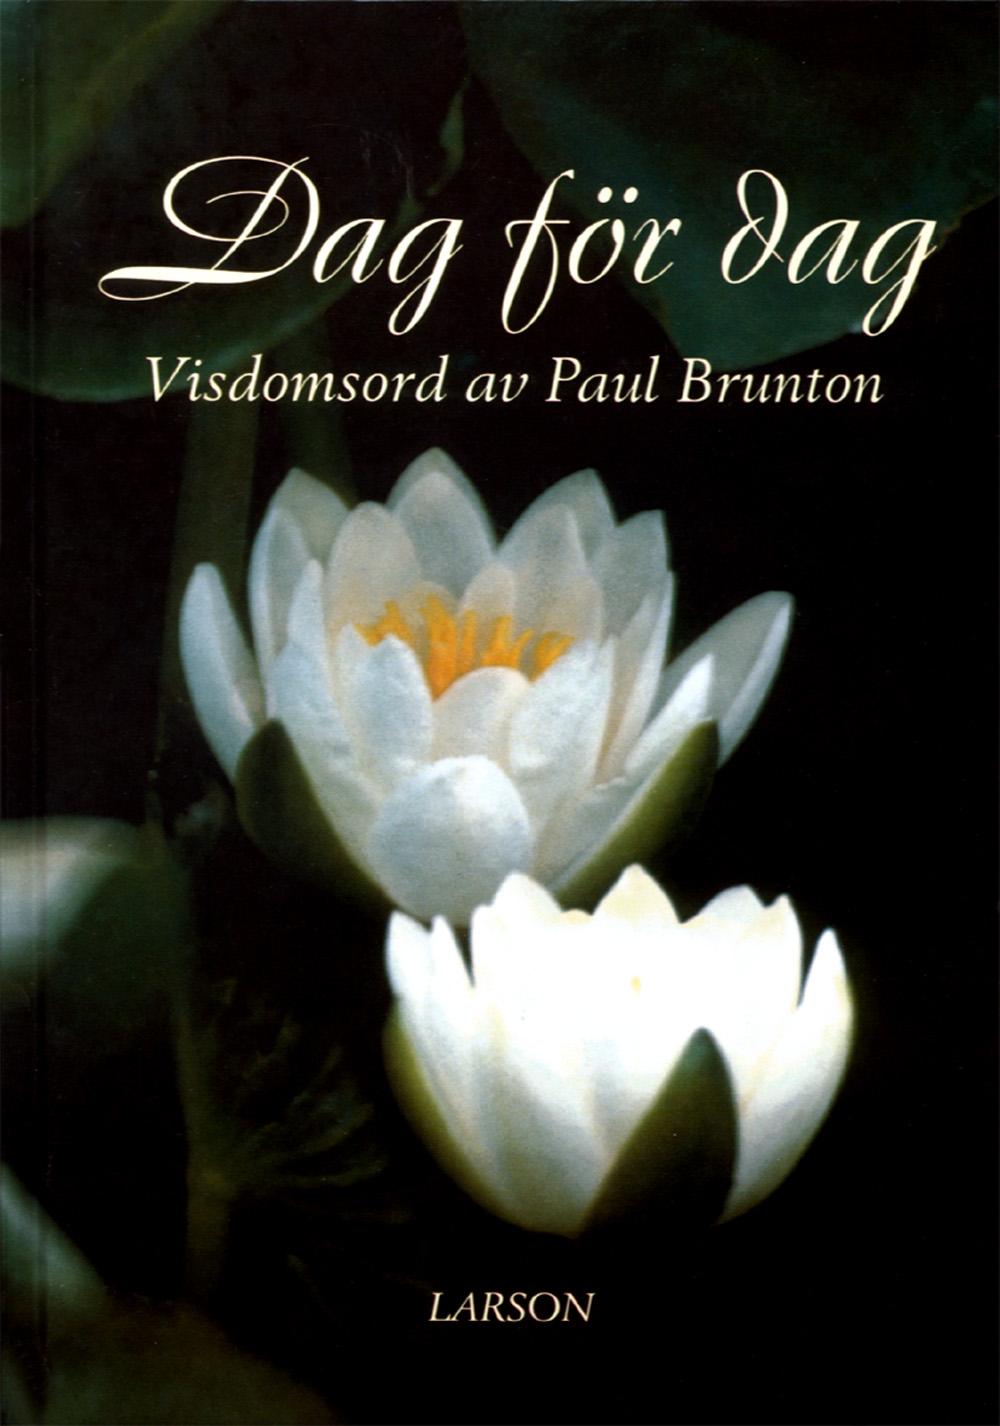 Dag för dag : visdomsord av Paul Brunton av Paul Brunton